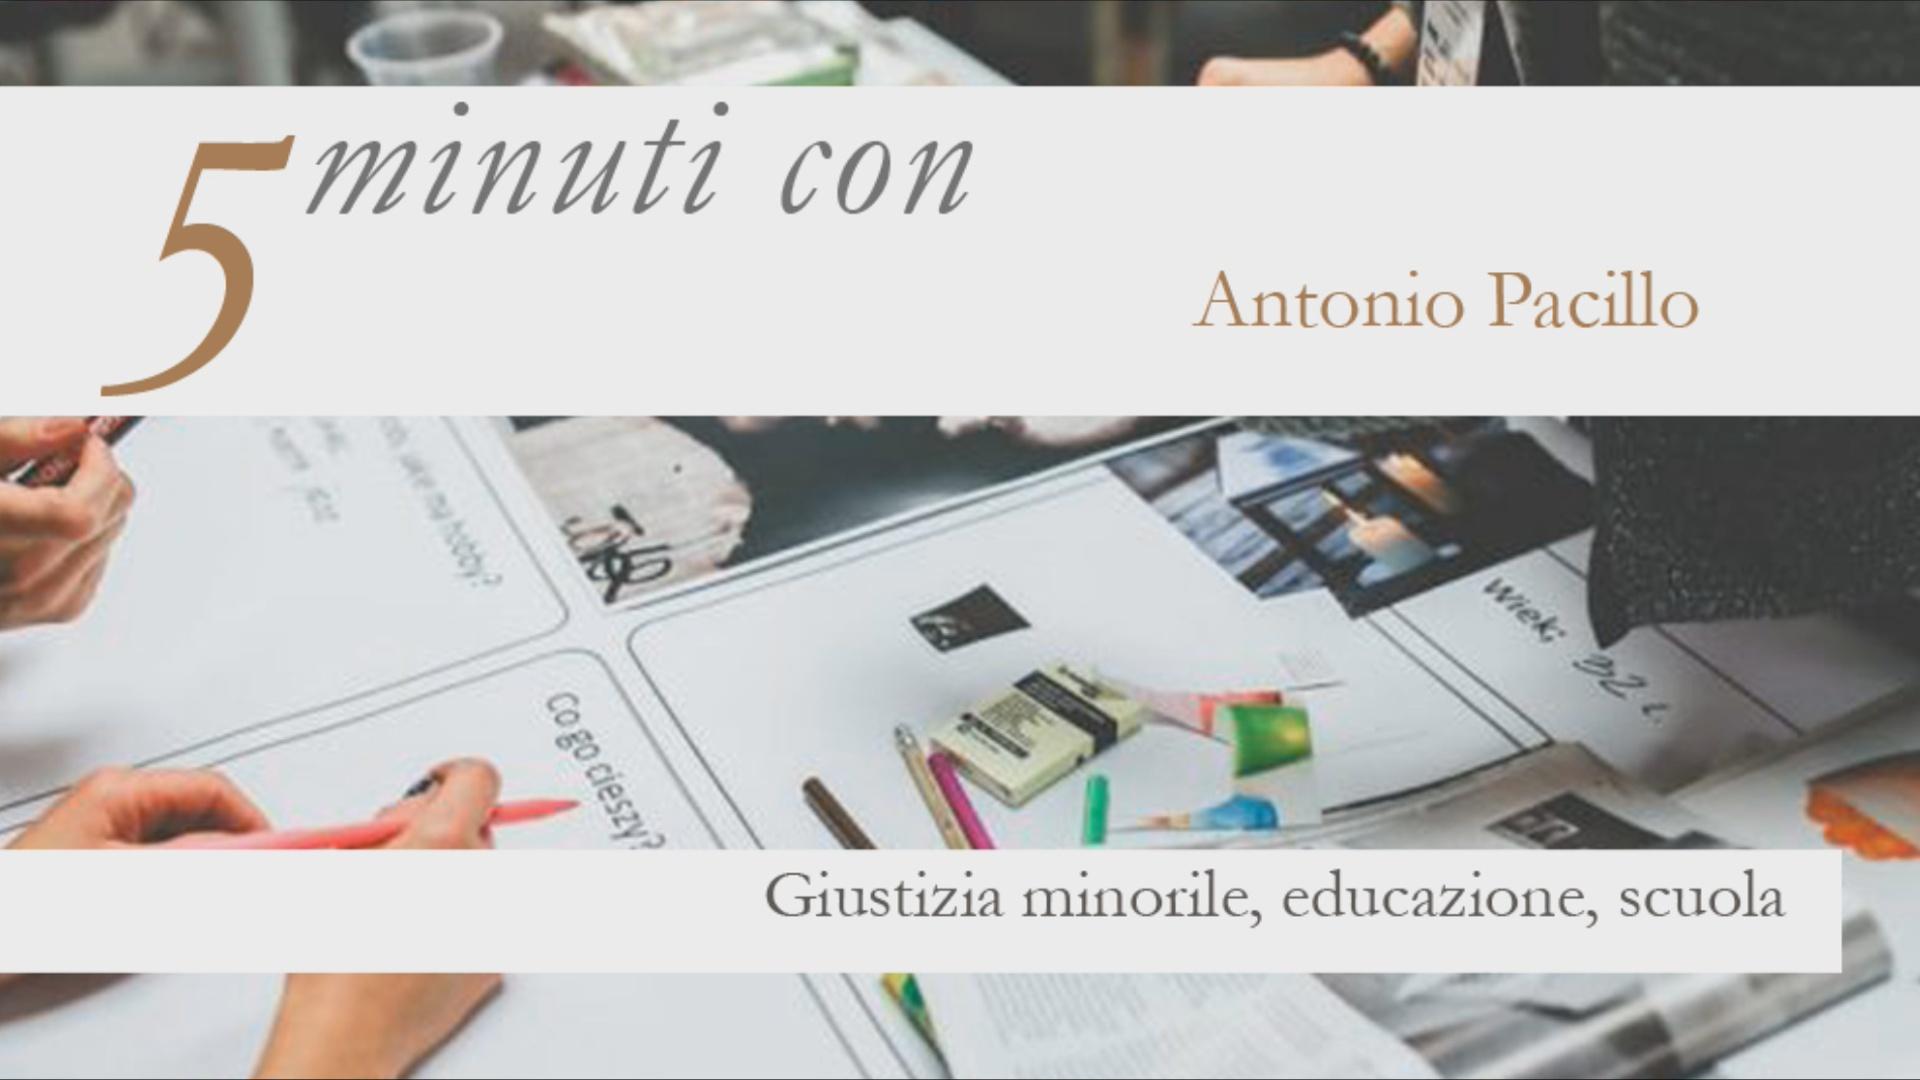 Giustizia minorile, educazione, scuola – Evento organizzato dalla Camera minorile di Cosenza (VIDEO)